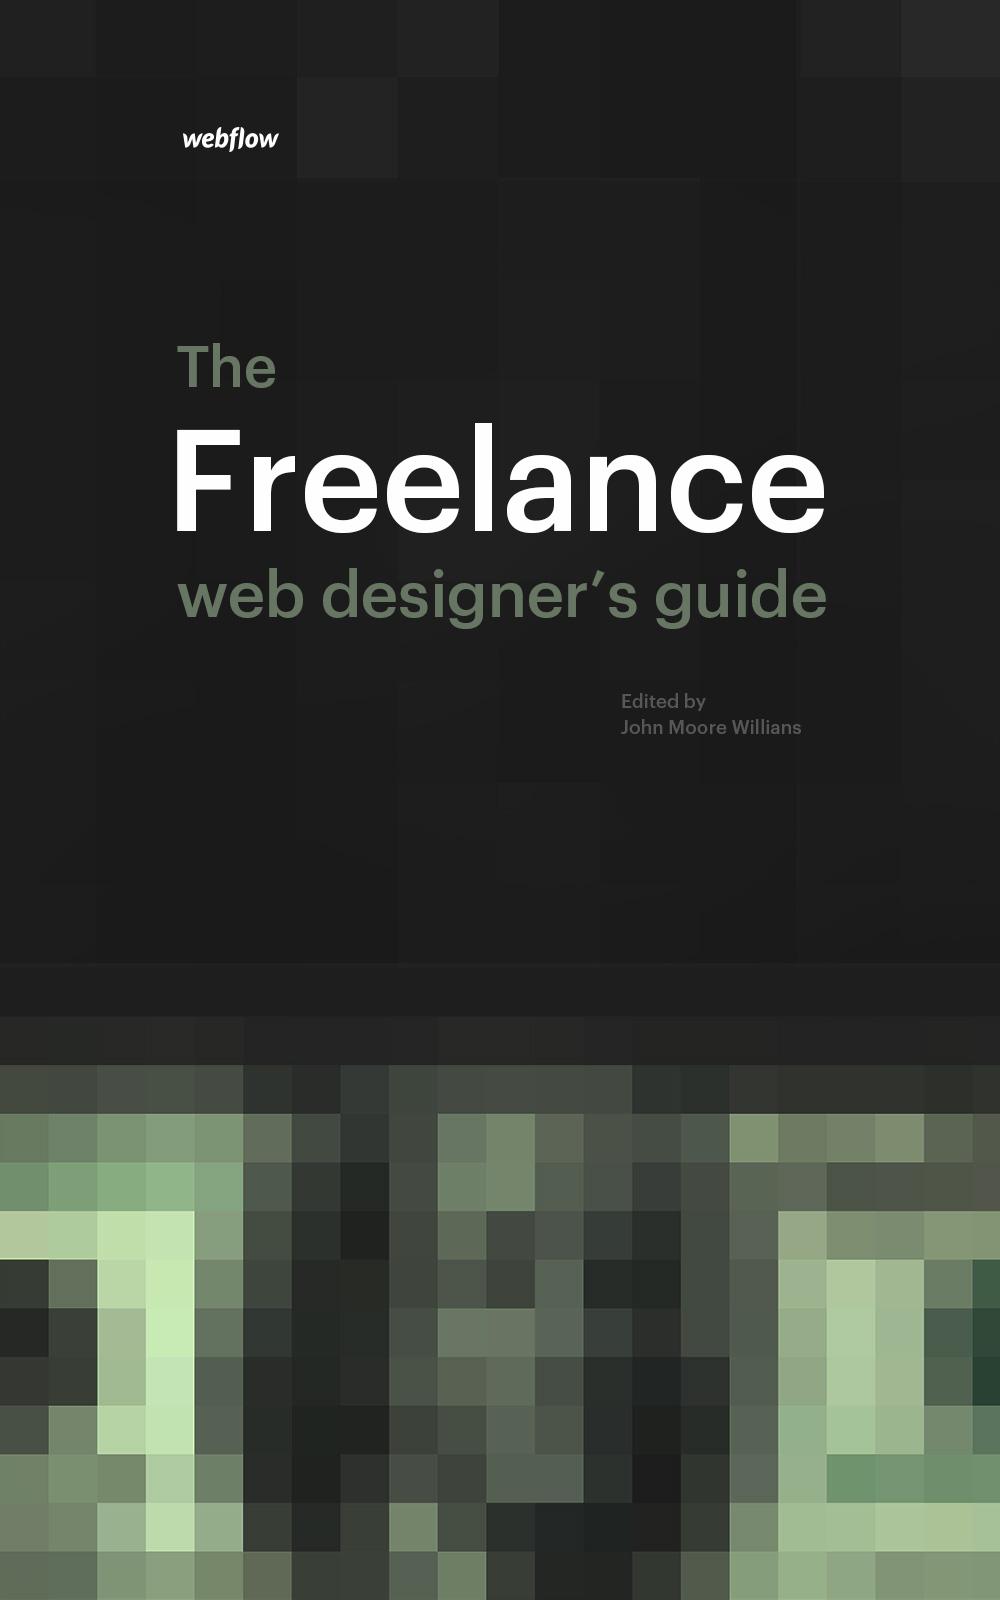 The freelance web designer's guide